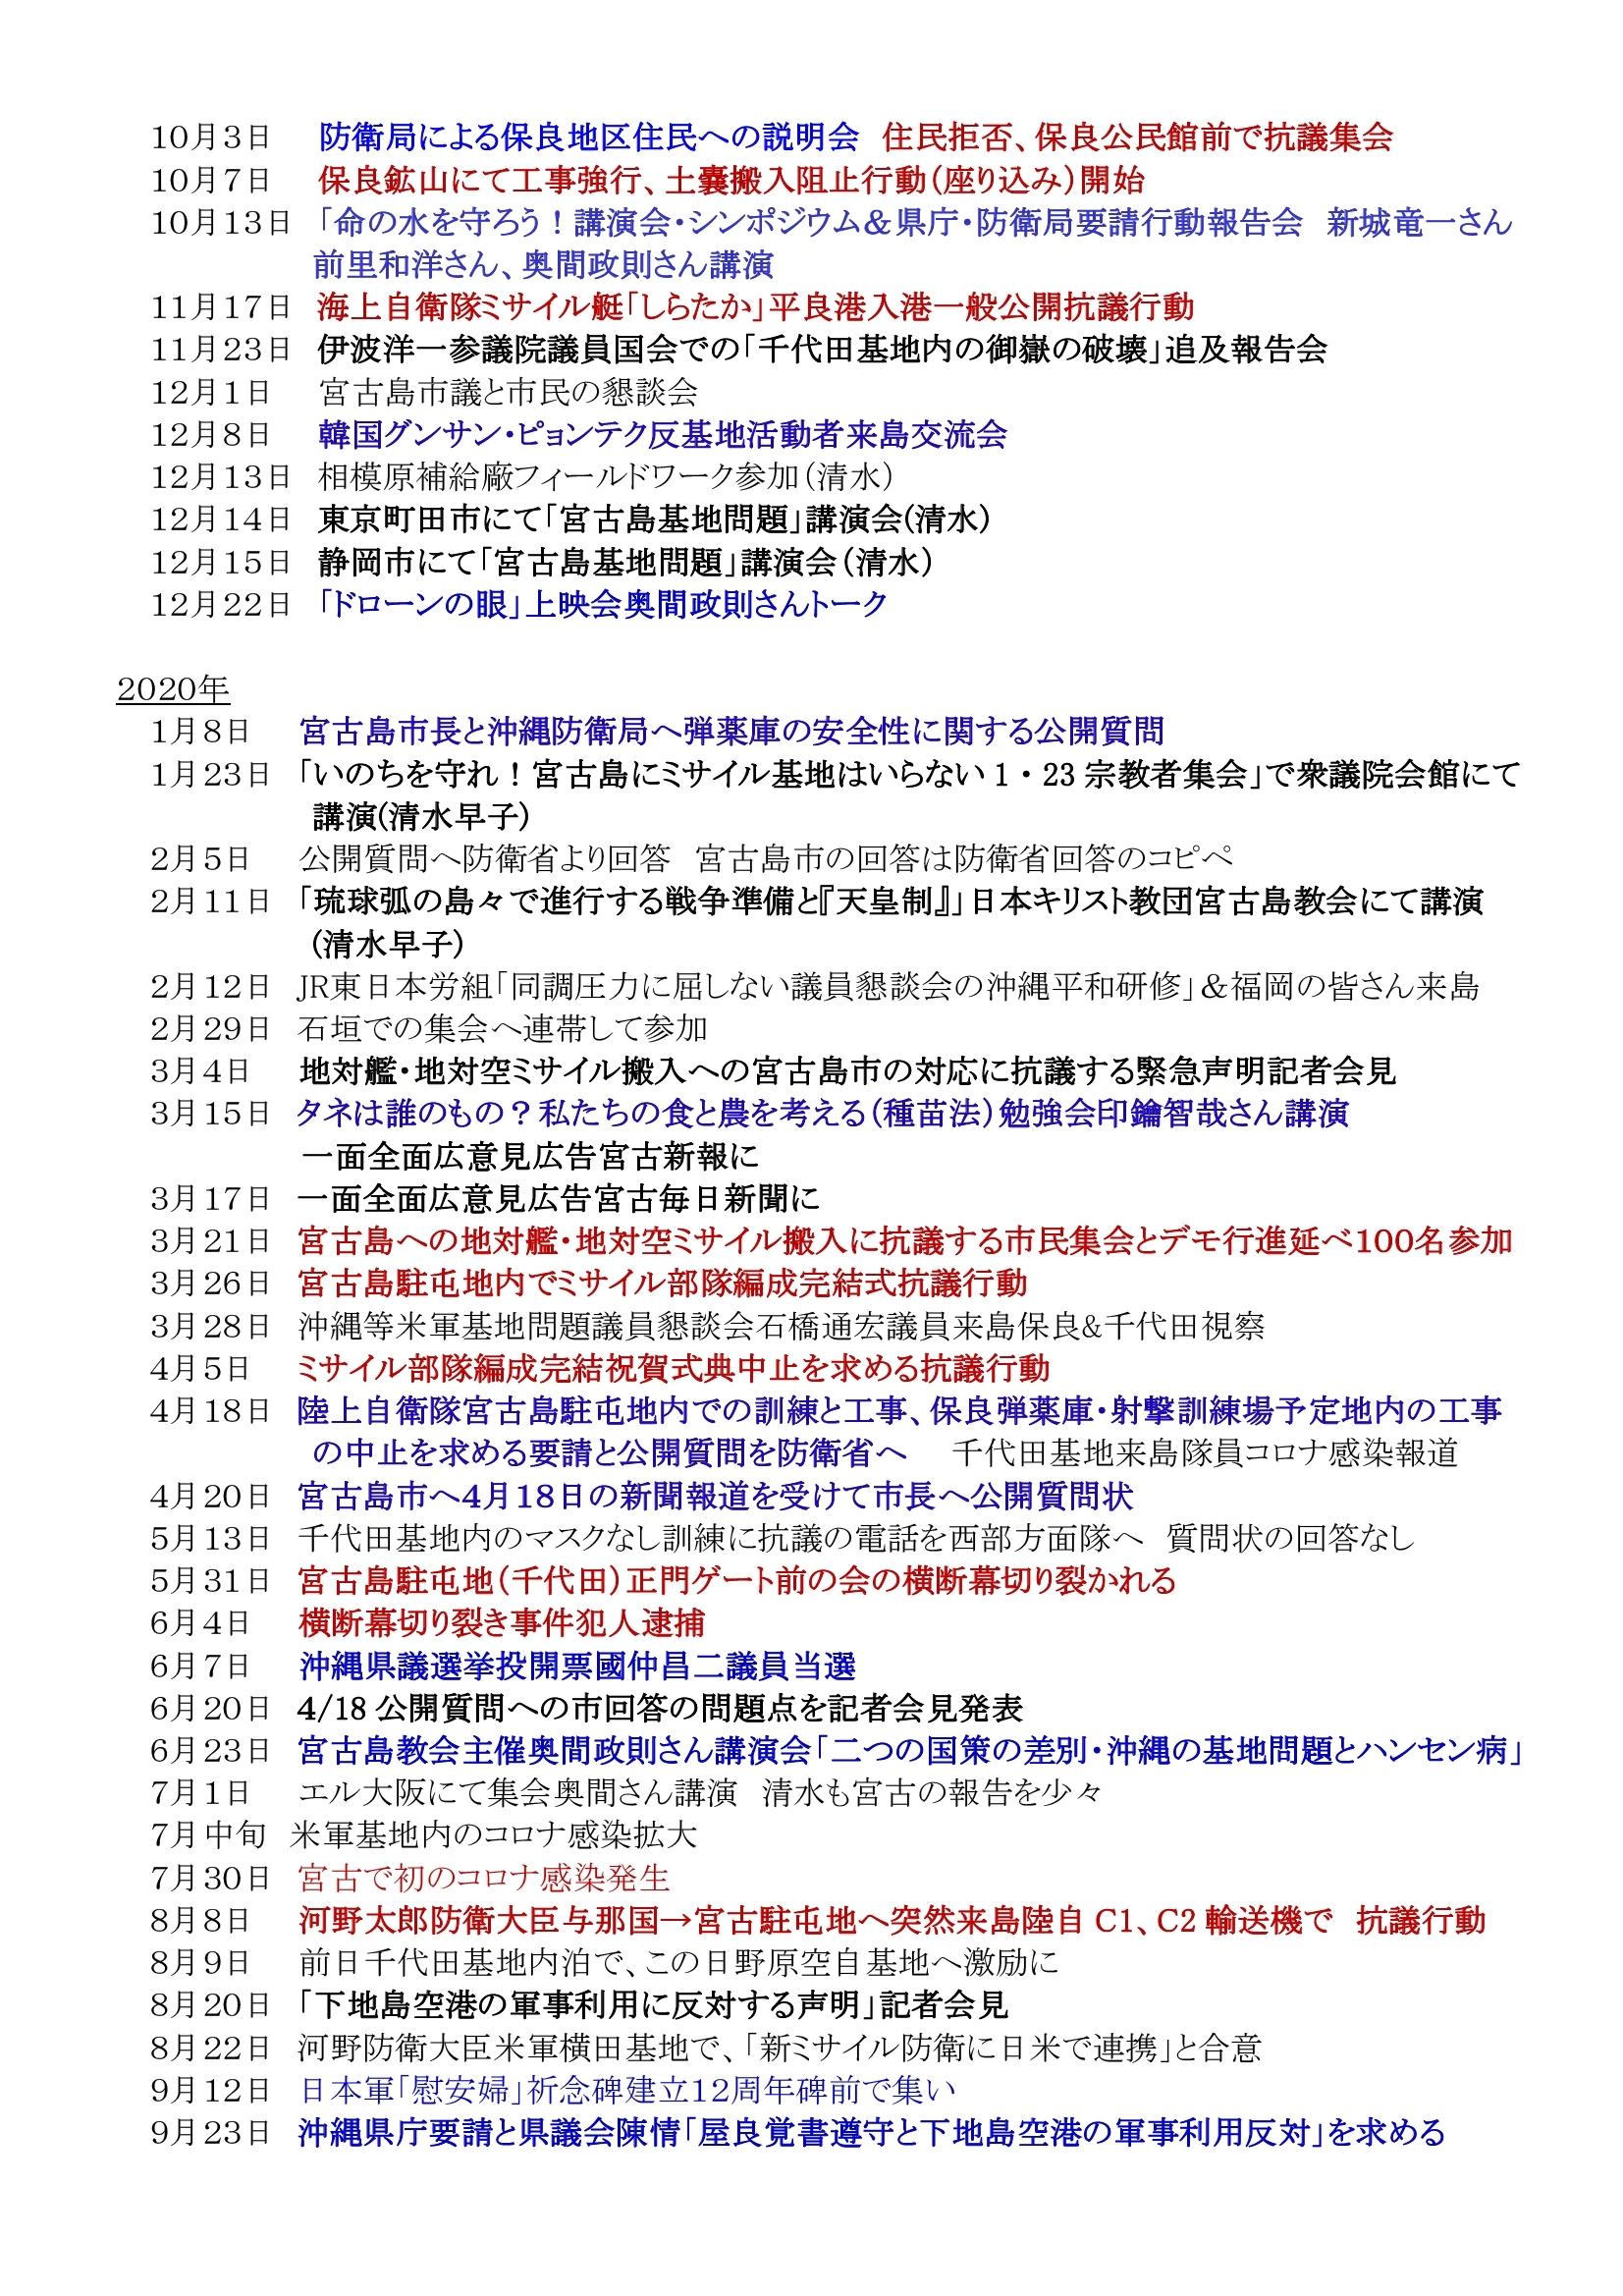 年表:宮古島における反軍反基地の闘い2010~2020 11